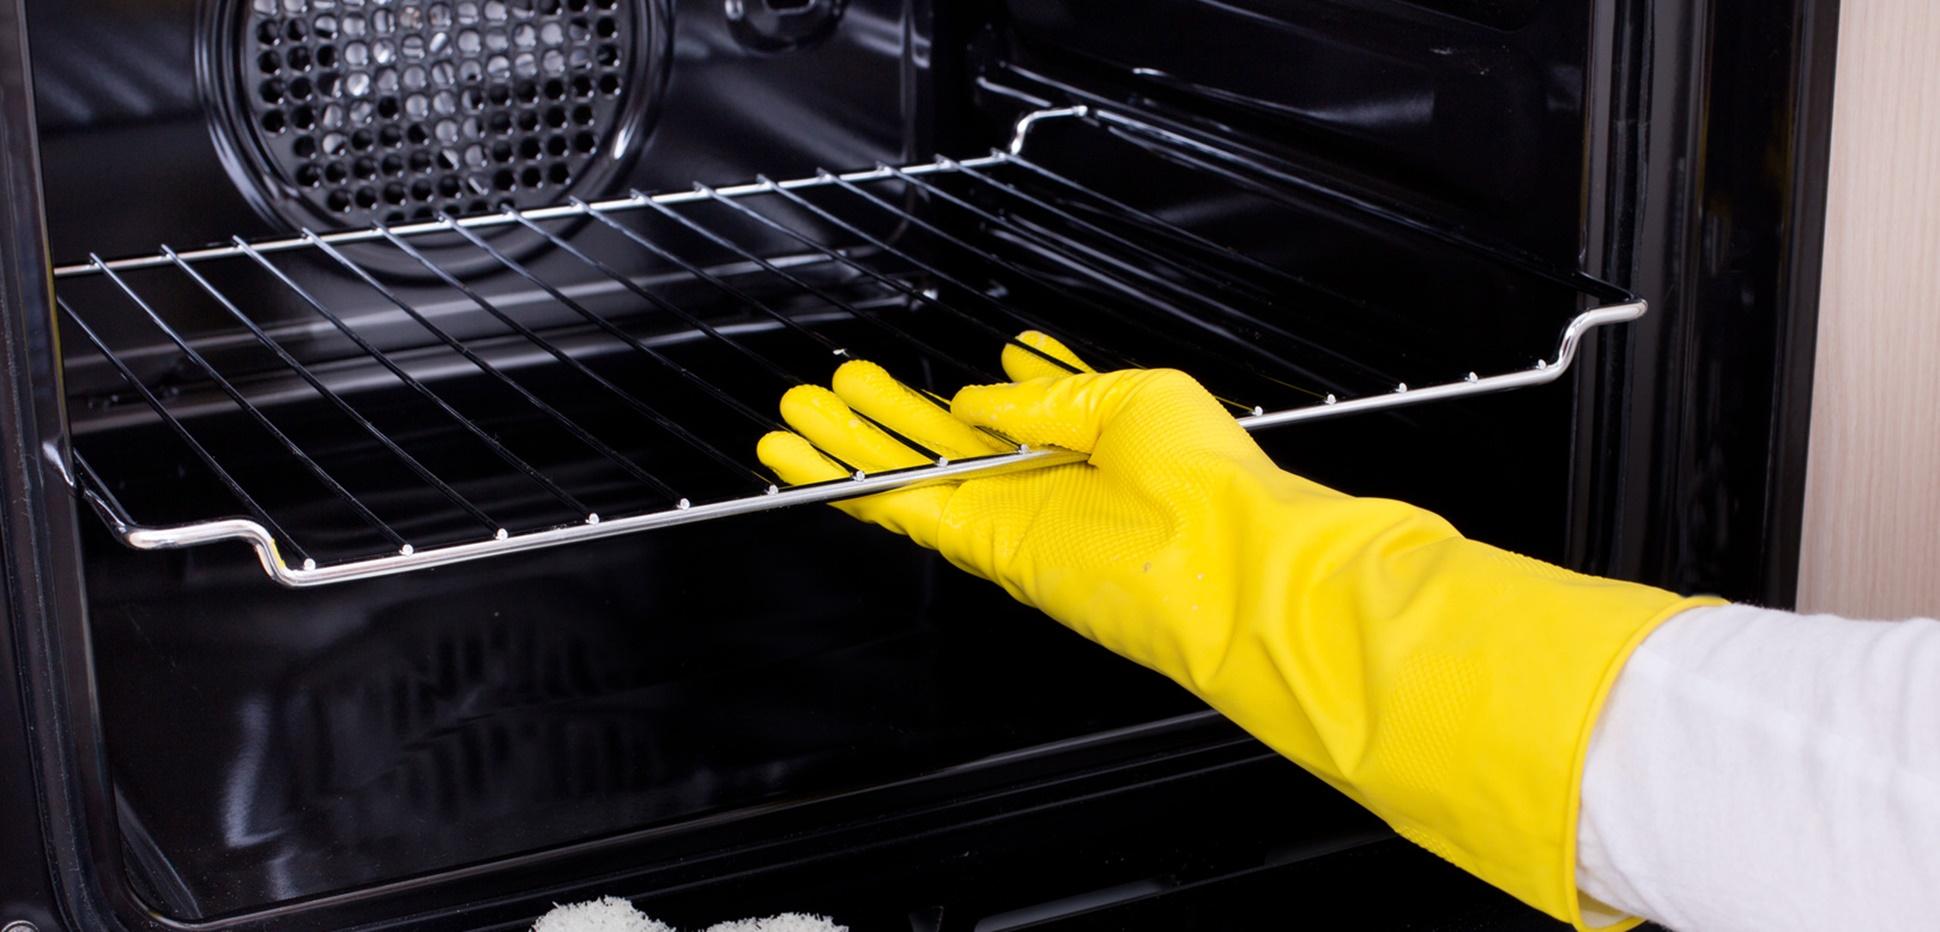 Backofen reinigen mit Hausmitteln → Hier lesen, welche